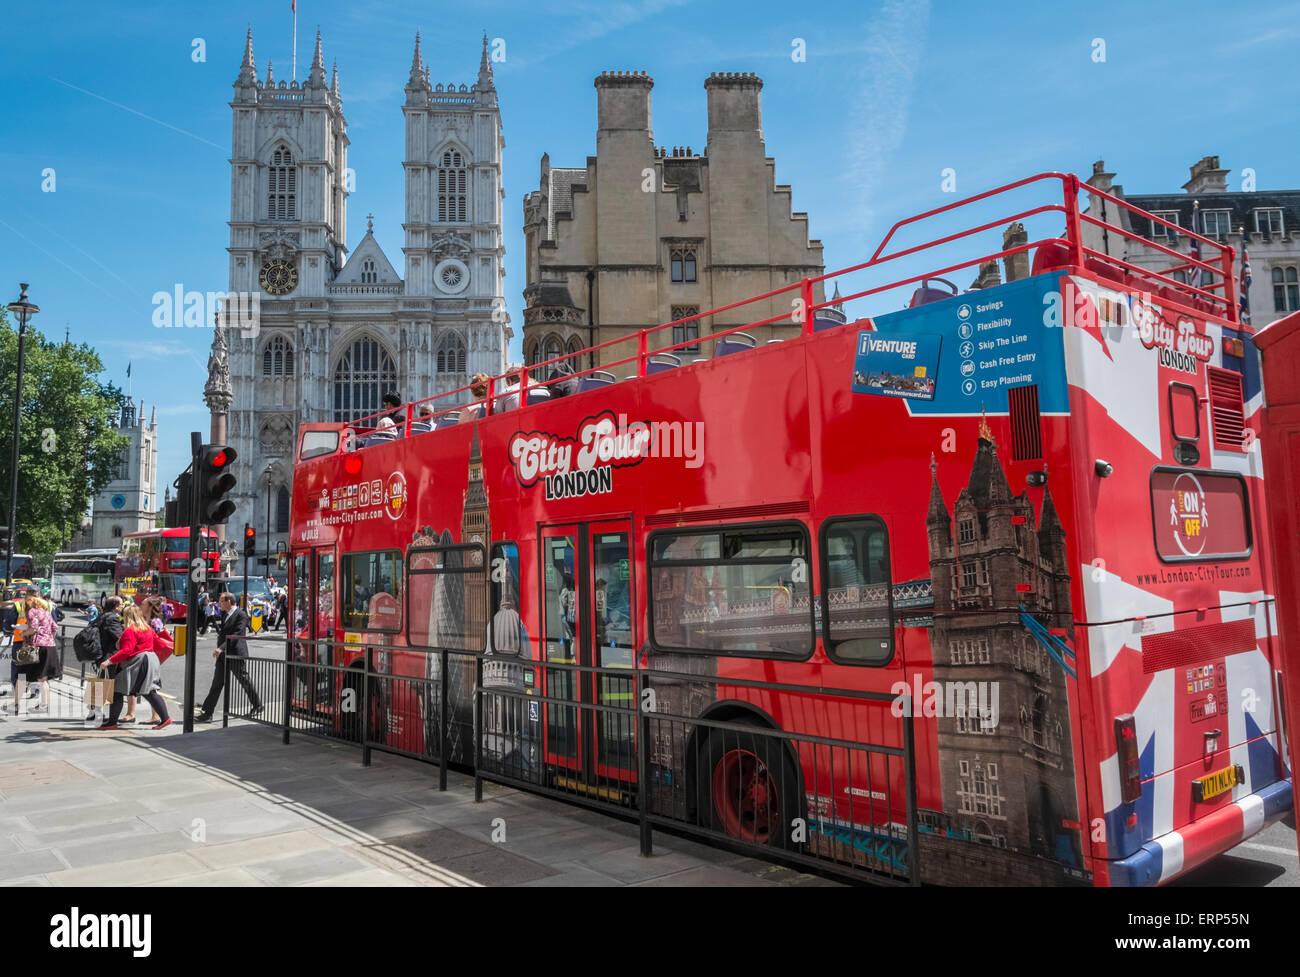 London City Sightseeing open top tour bus mit Westminster Abbey im Hintergrund, London, England, Großbritannien Stockbild